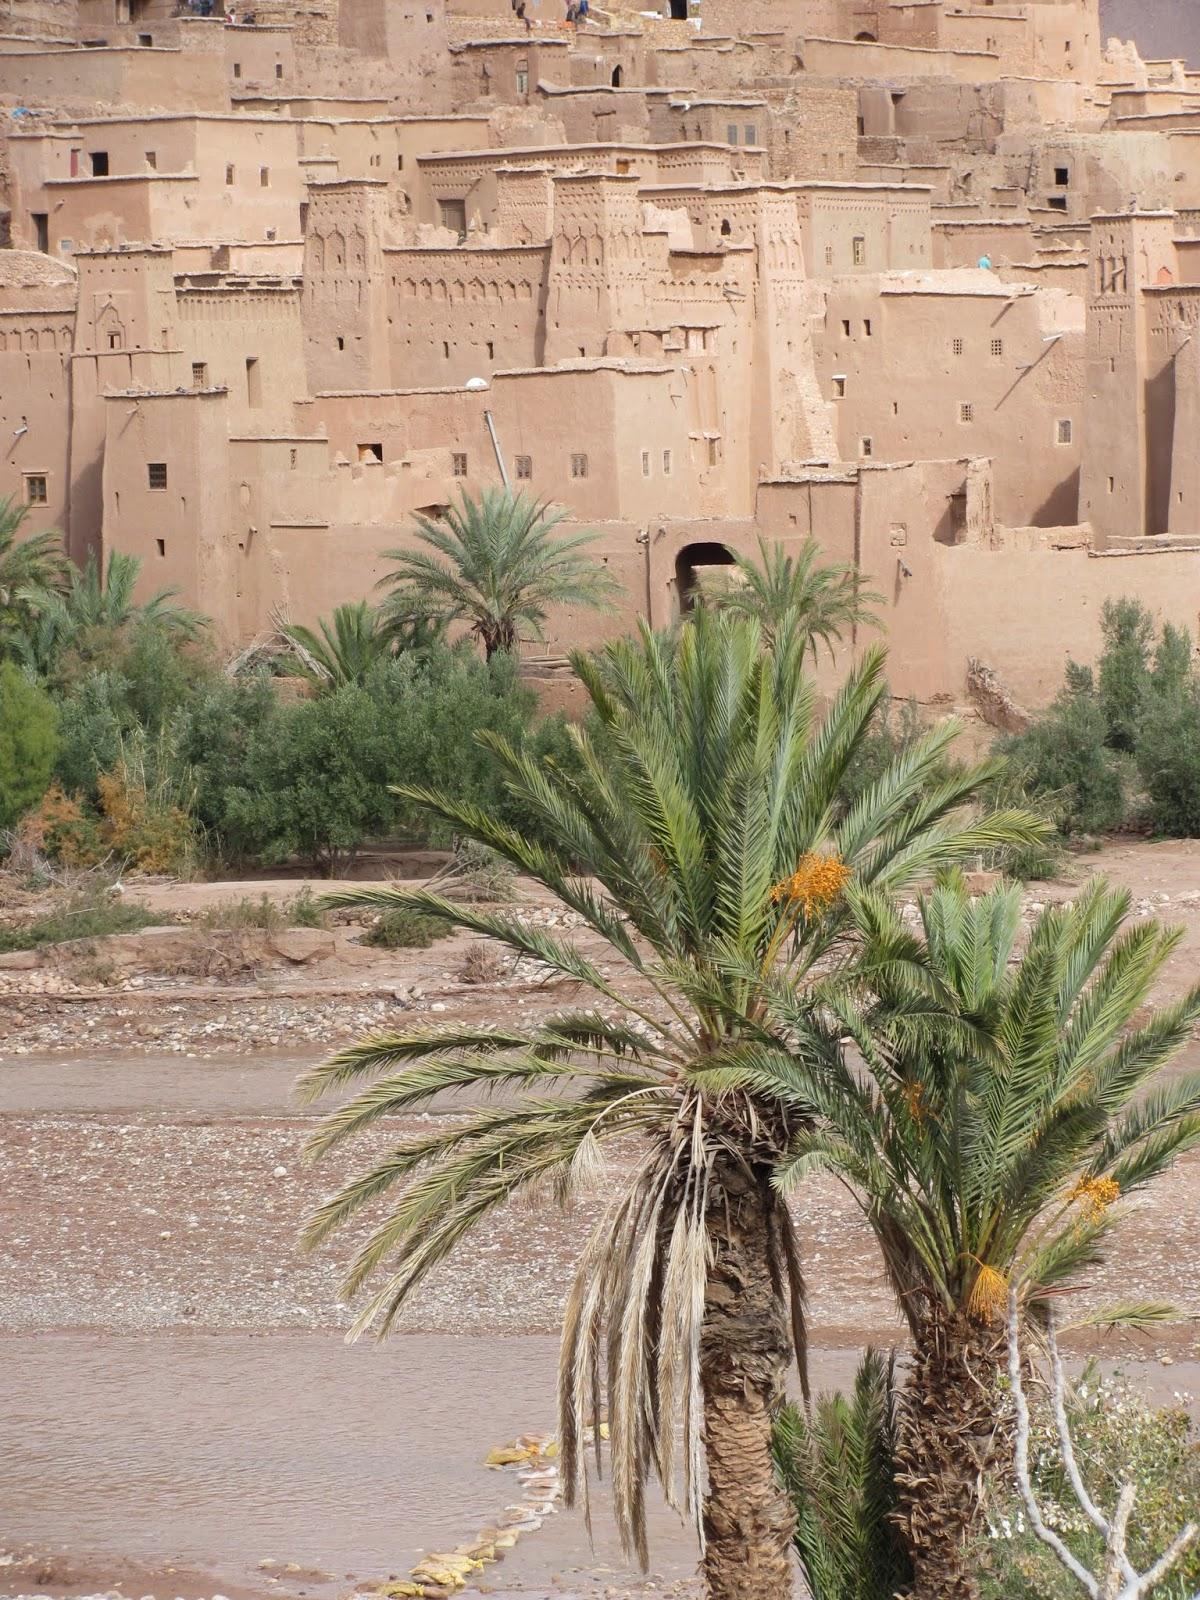 Ait-Ben-Haddou Kasbah Morocco